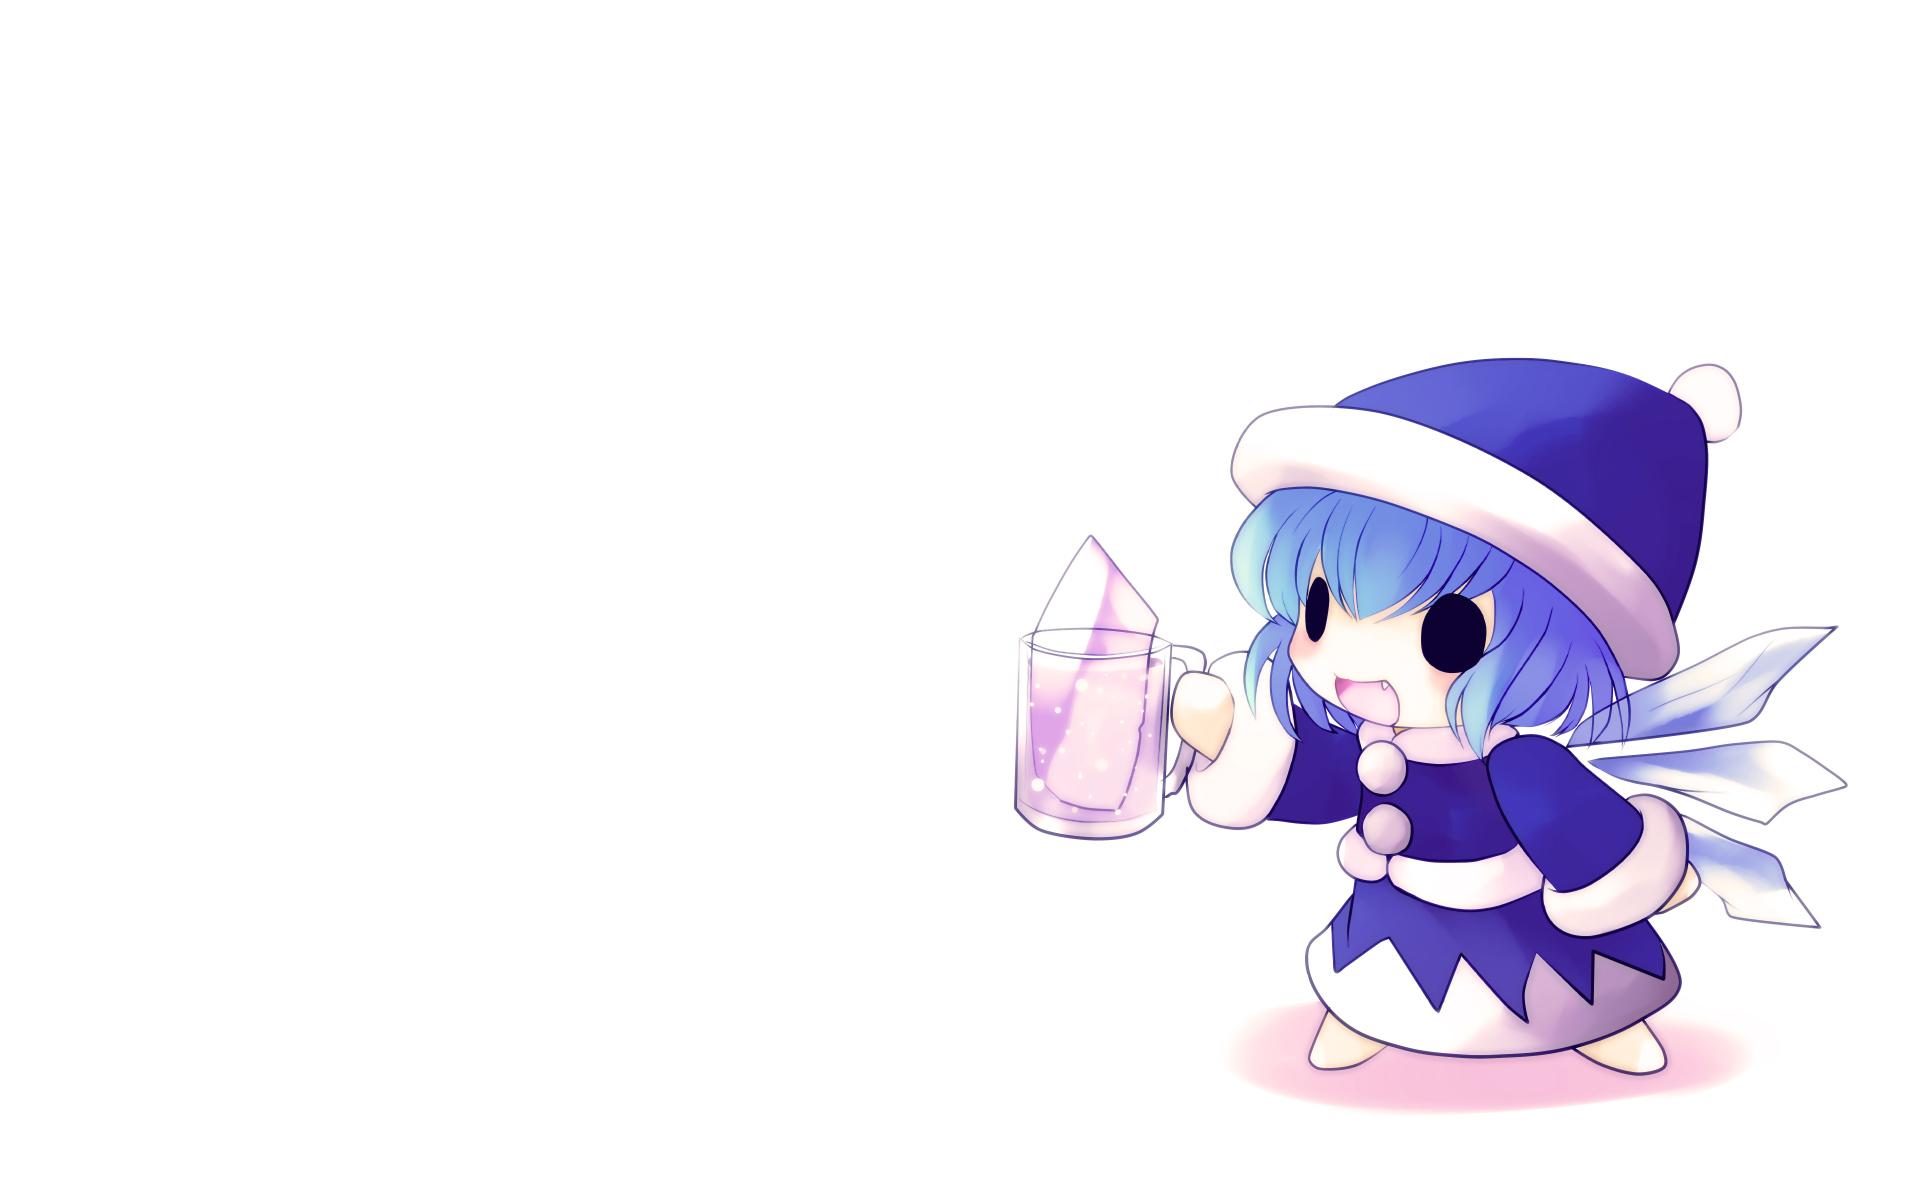 blue_hair chibi cirno drink fairy fang hat touhou white wings yume_shokunin